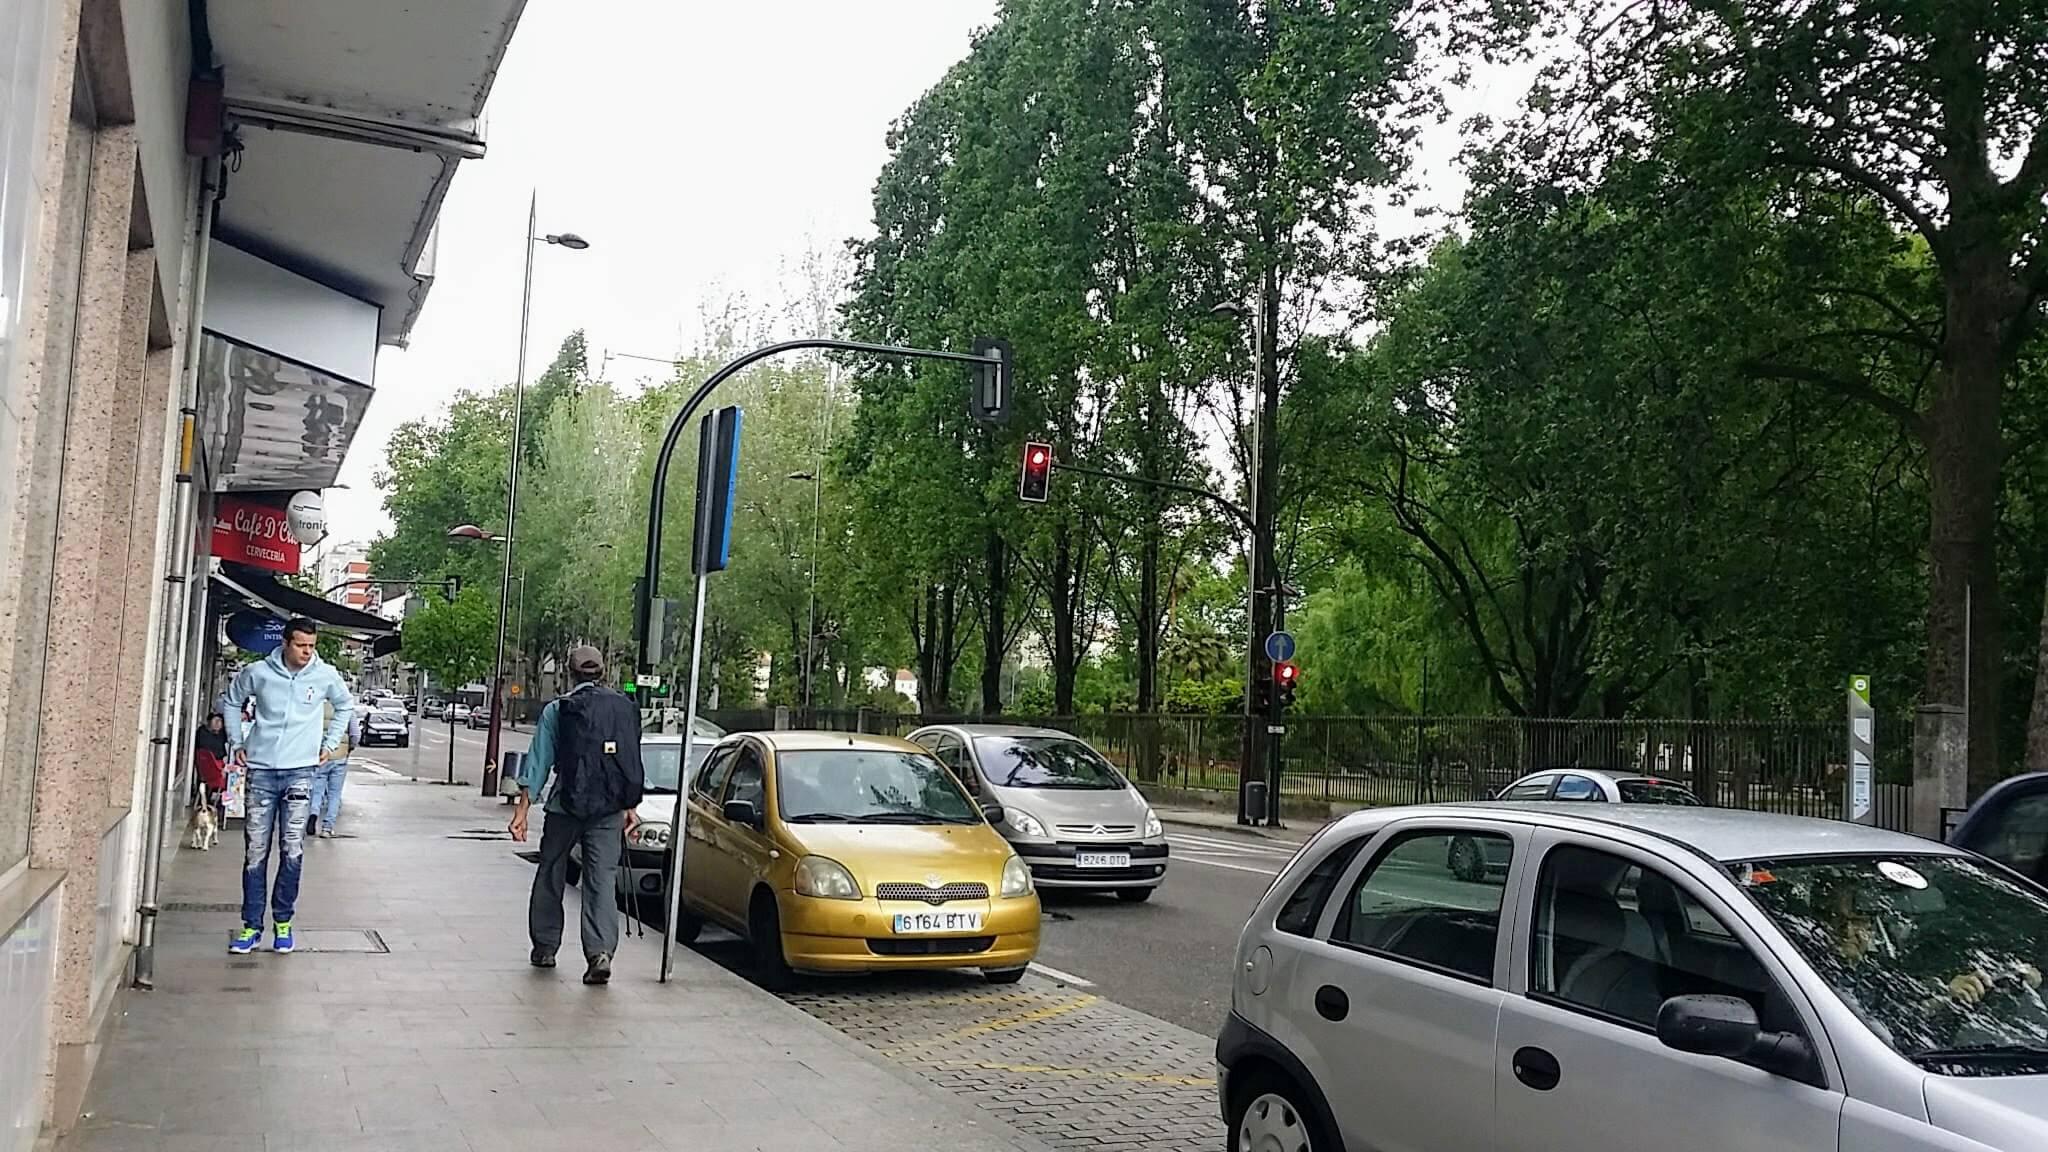 Avenida de Castrelos by the Parque de Castrelos, in Vigo, Spain on day twenty-one of Portuguese Way